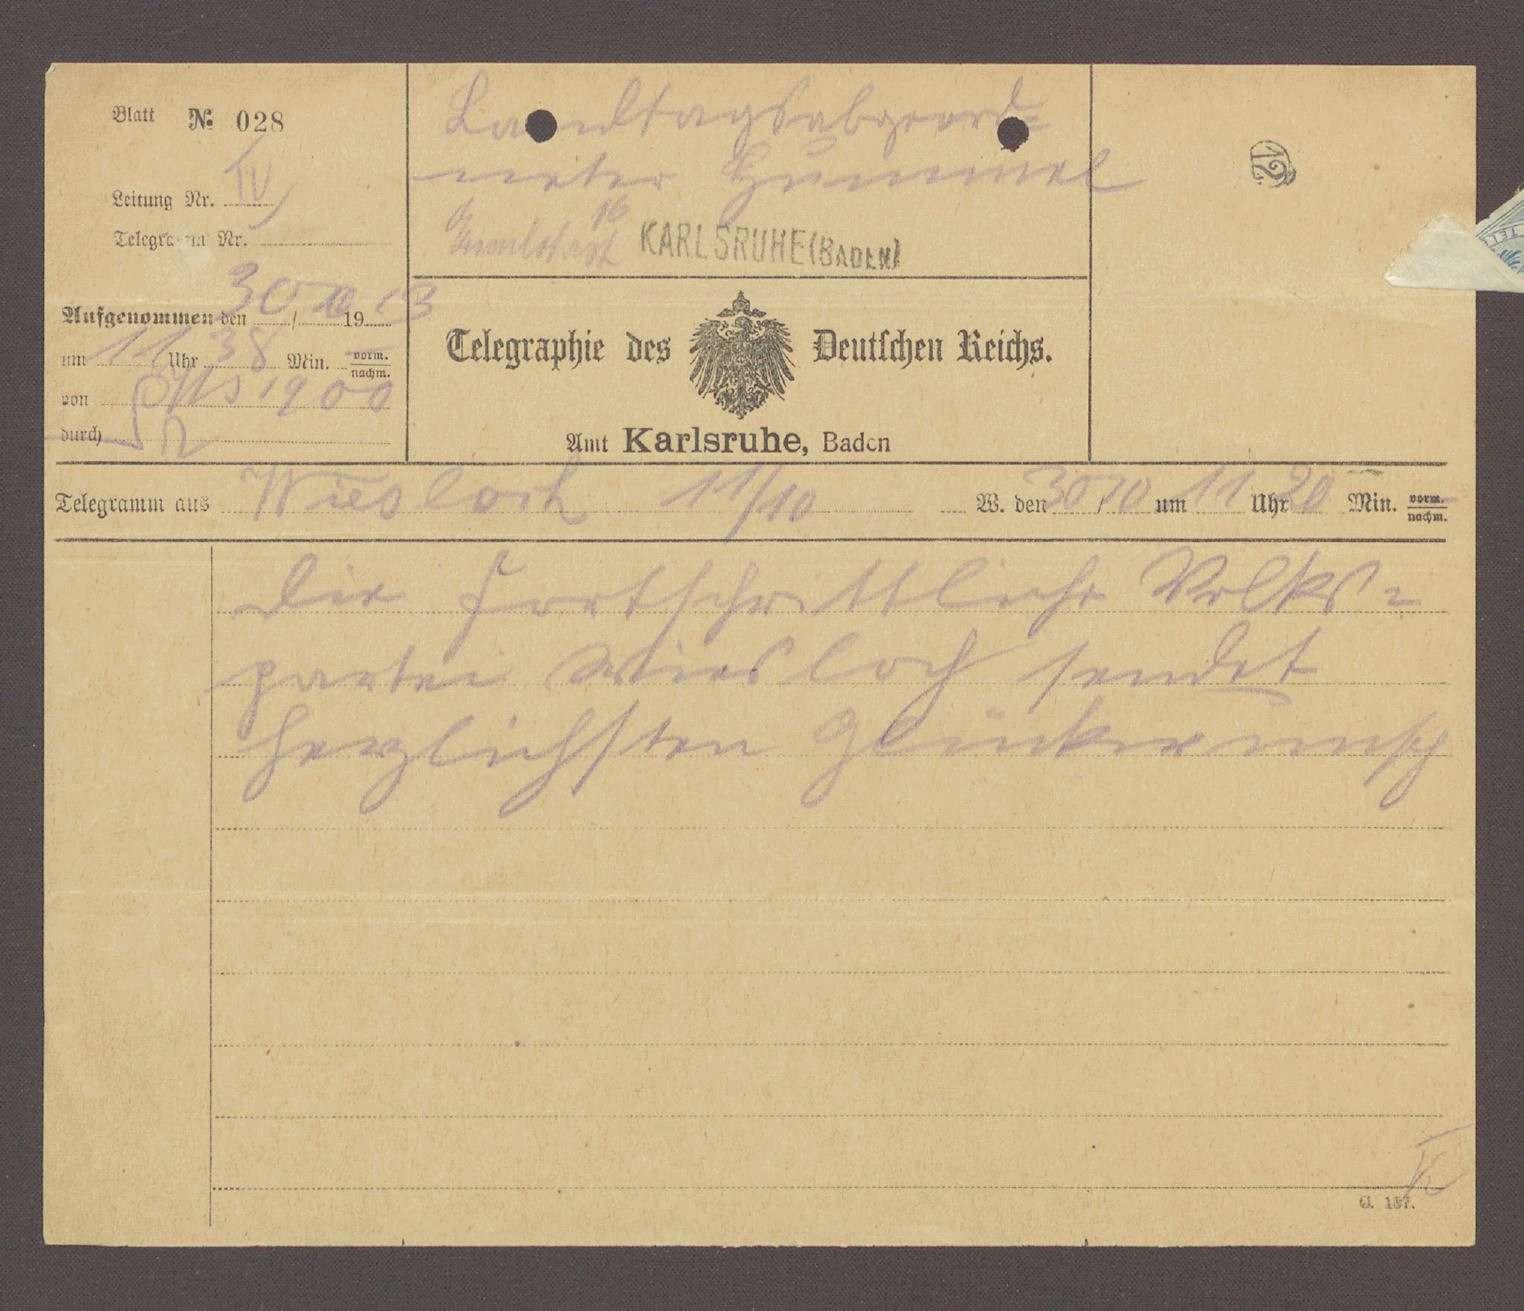 Glückwunschtelegramm der Fortschrittlichen Volkspartei, Wiesloch, an Hermann Hummel, 1 Telegramm, Bild 1